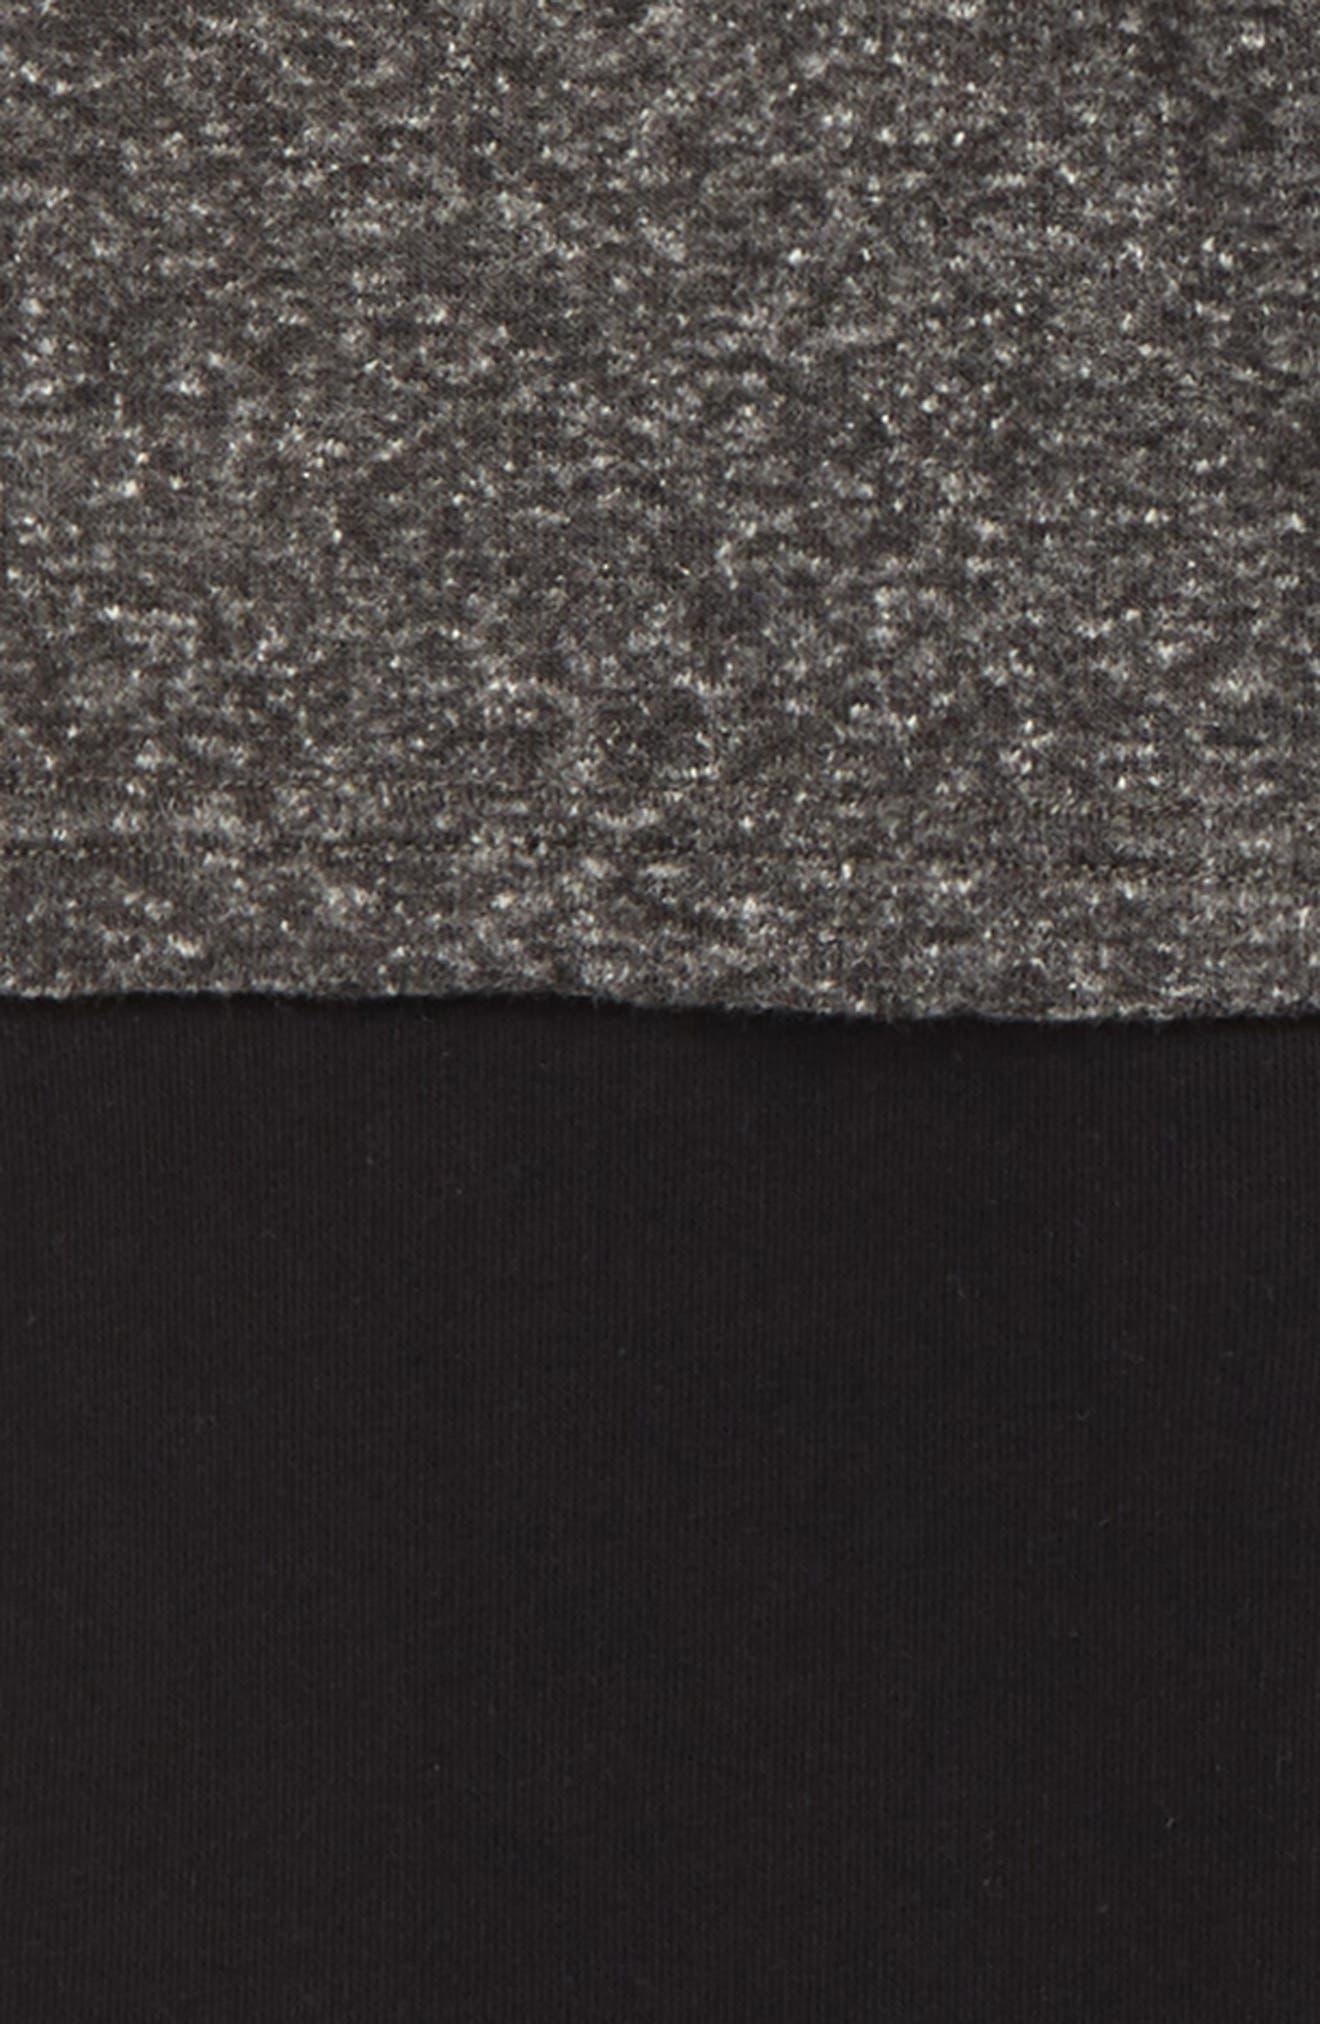 Double Sweatpants,                             Alternate thumbnail 2, color,                             BLACK/ CHARCOAL